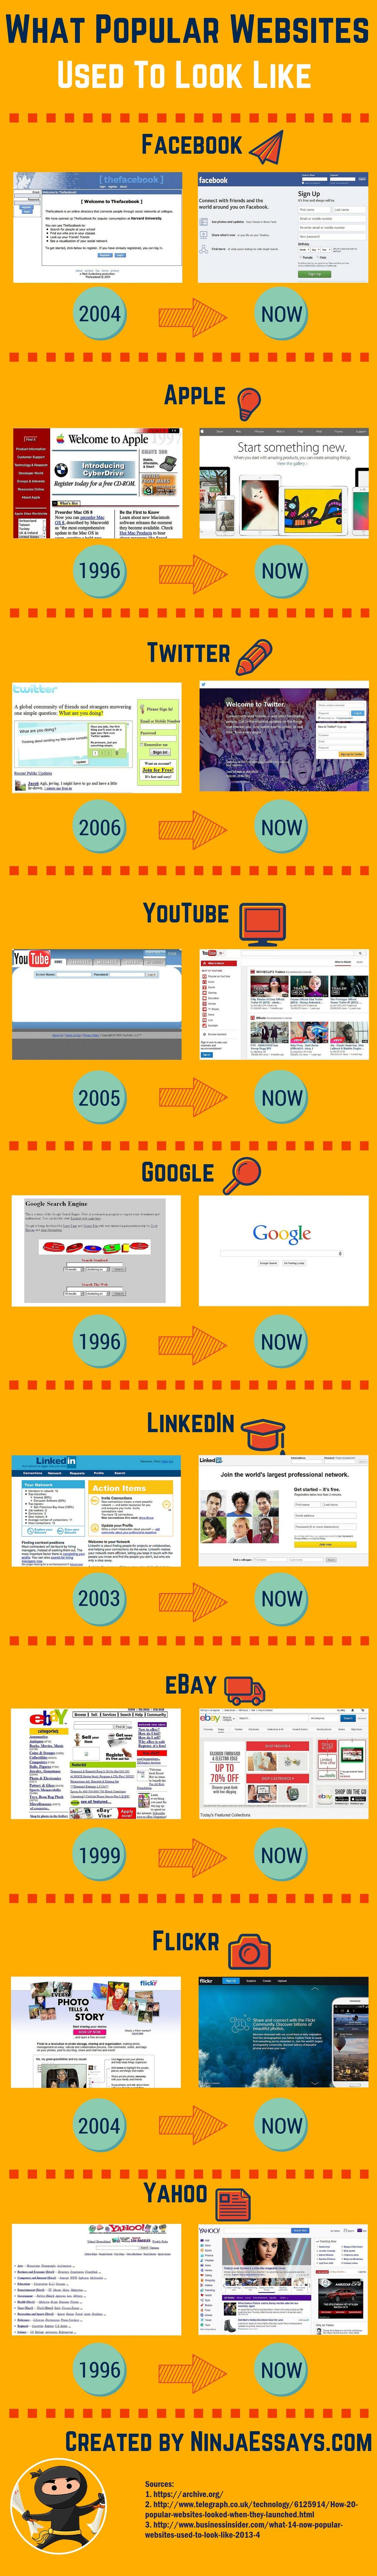 What-Popular-Websites-Used-to-Look-Like-2.jpg